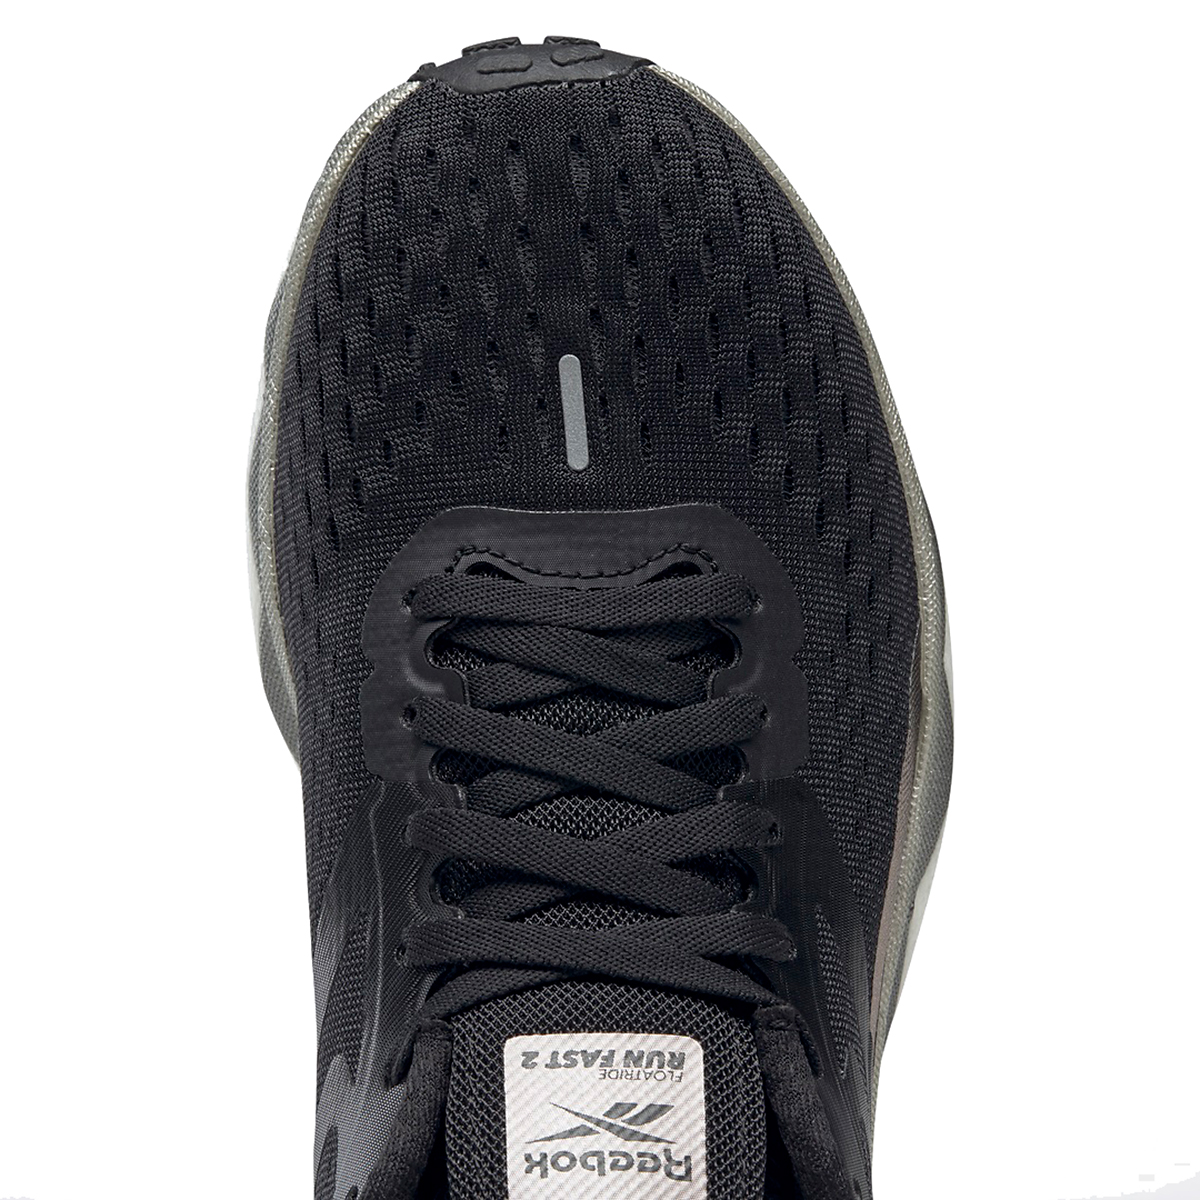 Women's Reebok Floatride Run Fast 2.0 Running Shoe - Color: Black/Moondust/White - Size: 5 - Width: Regular, Black/Moondust/White, large, image 5